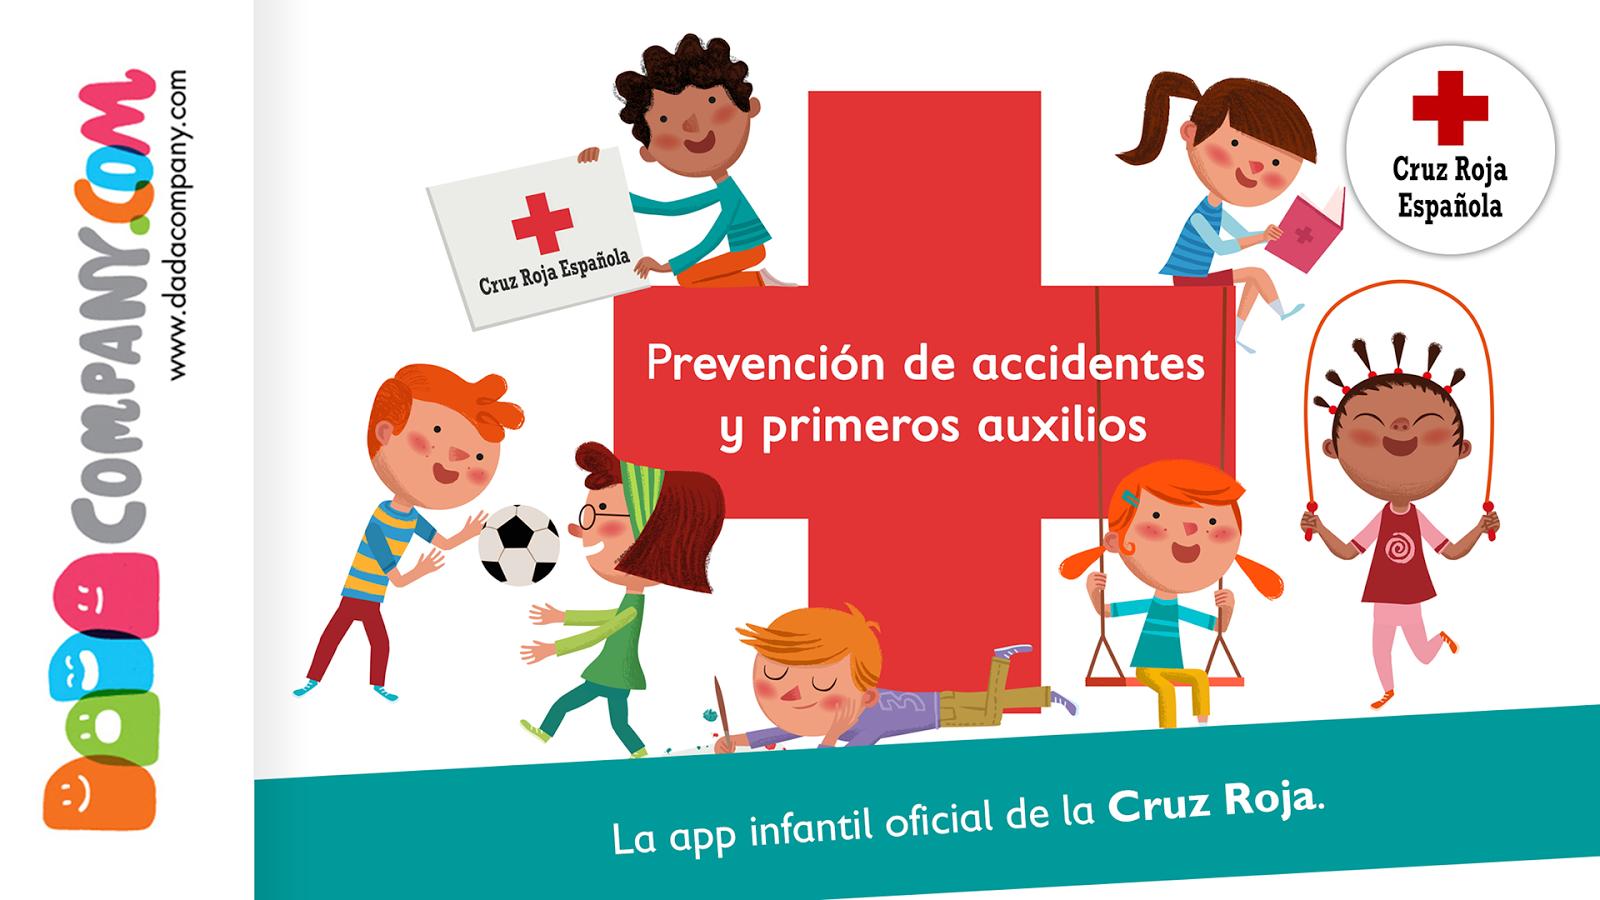 Cruz Roja  Primeros Auxilios  Aplicaciones de Android en Google Play